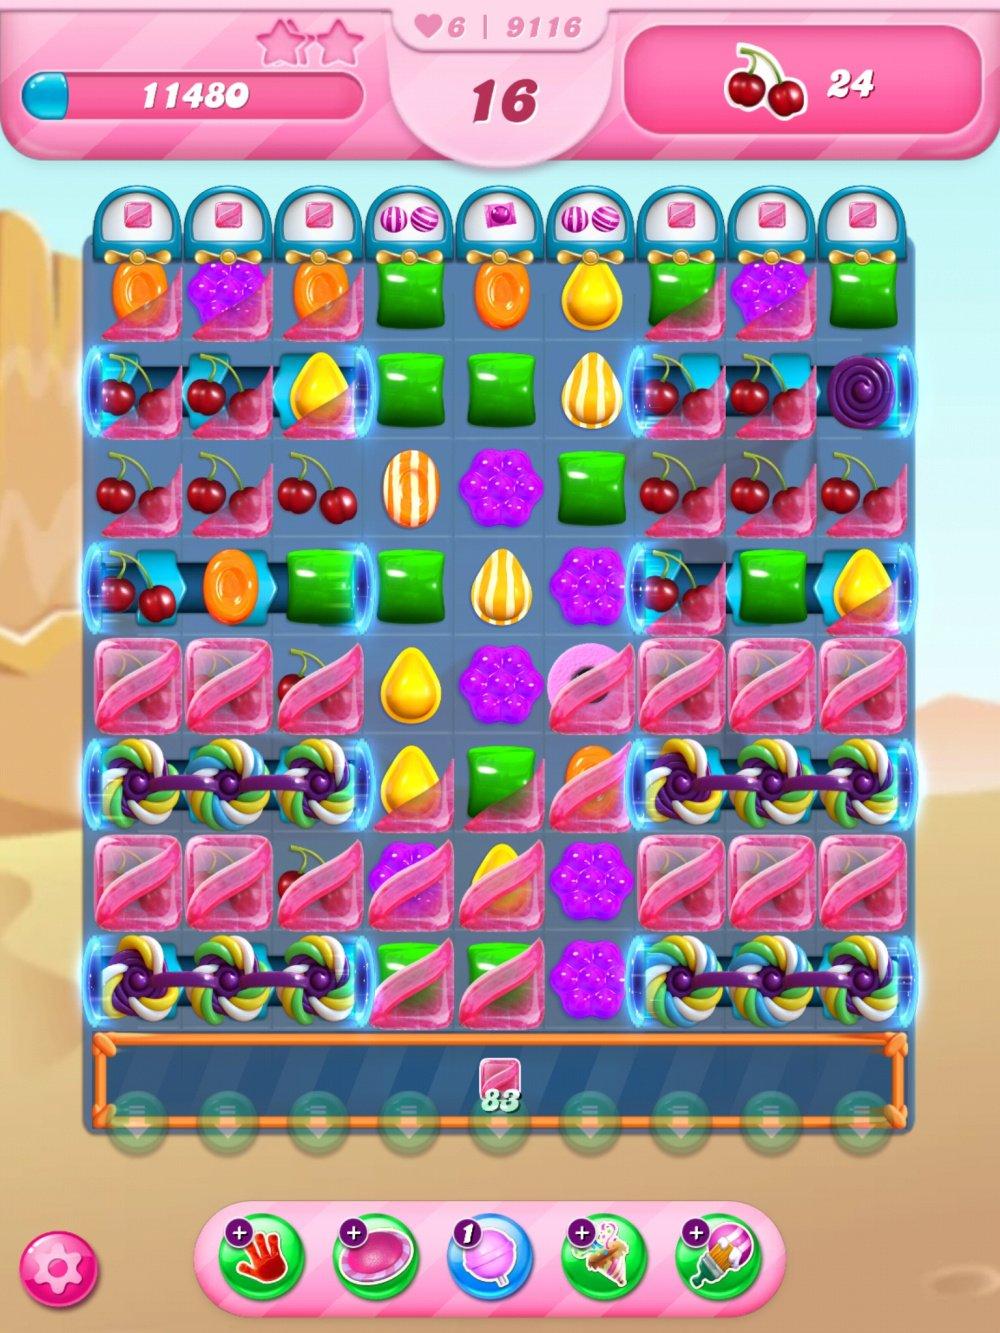 Screenshot_20210414-103213_Candy Crush Saga.jpg